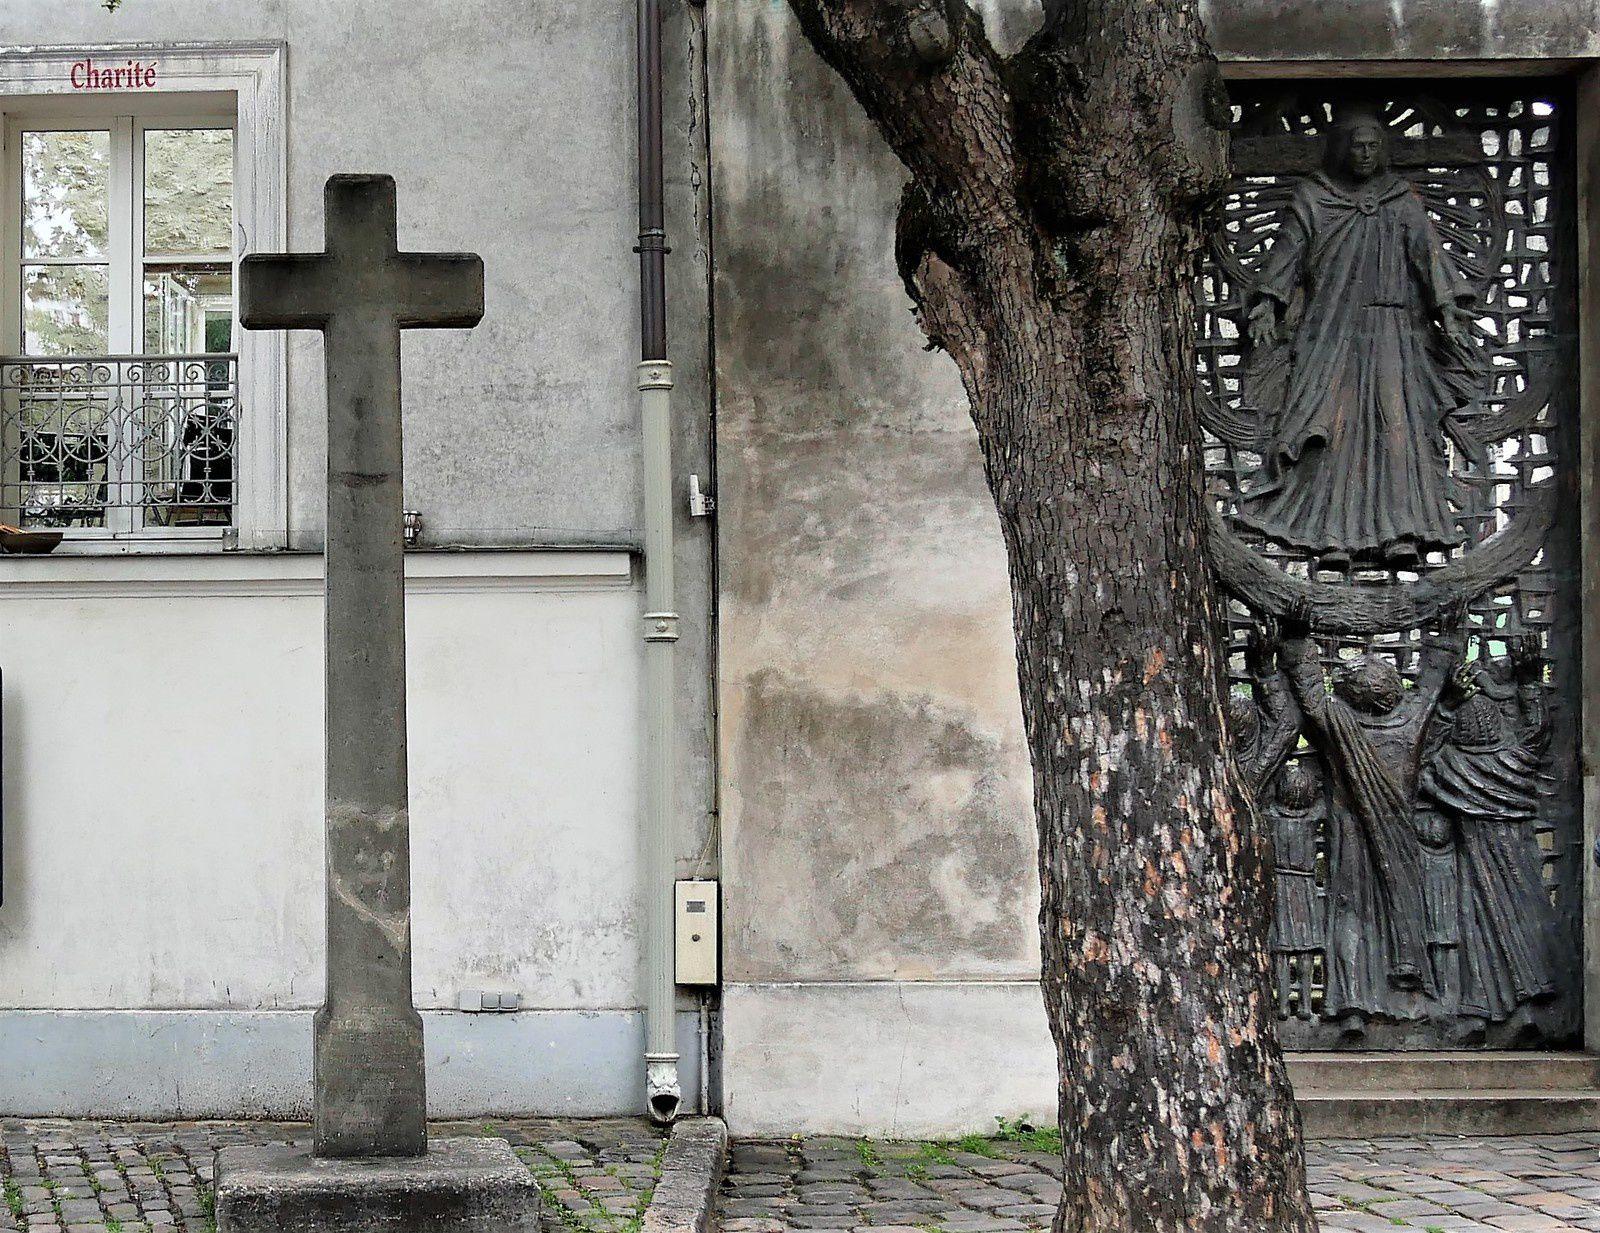 La croix Cottin. Parvis de l'église Saint-Pierre de Montmartre. Philippe Cottin.